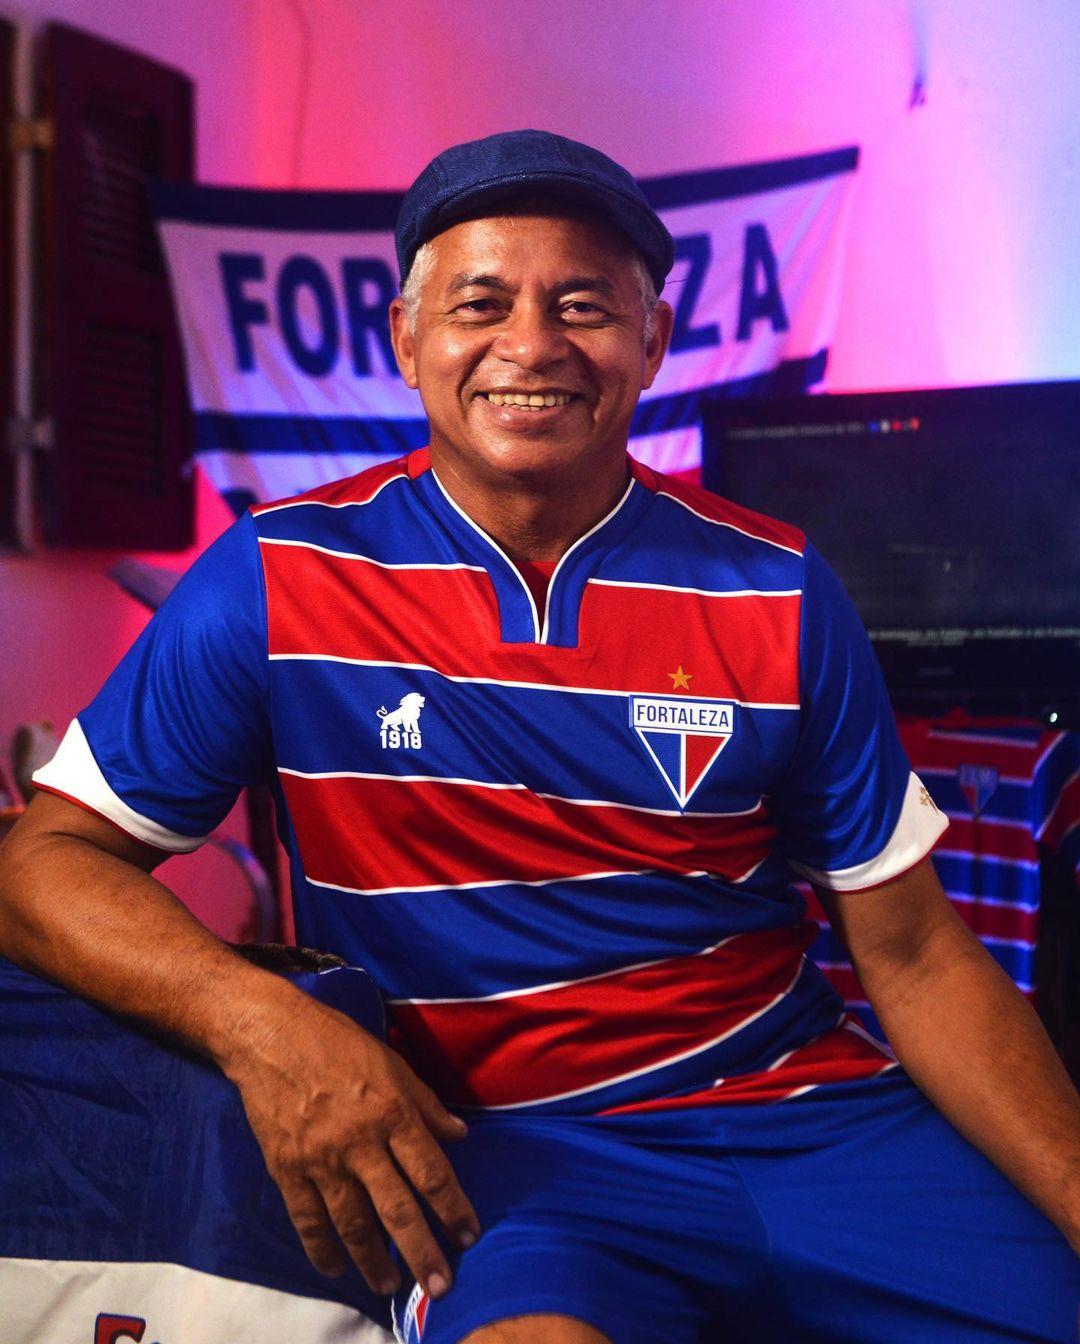 Camisas do Fortaleza EC 2021-2022 Leão1918